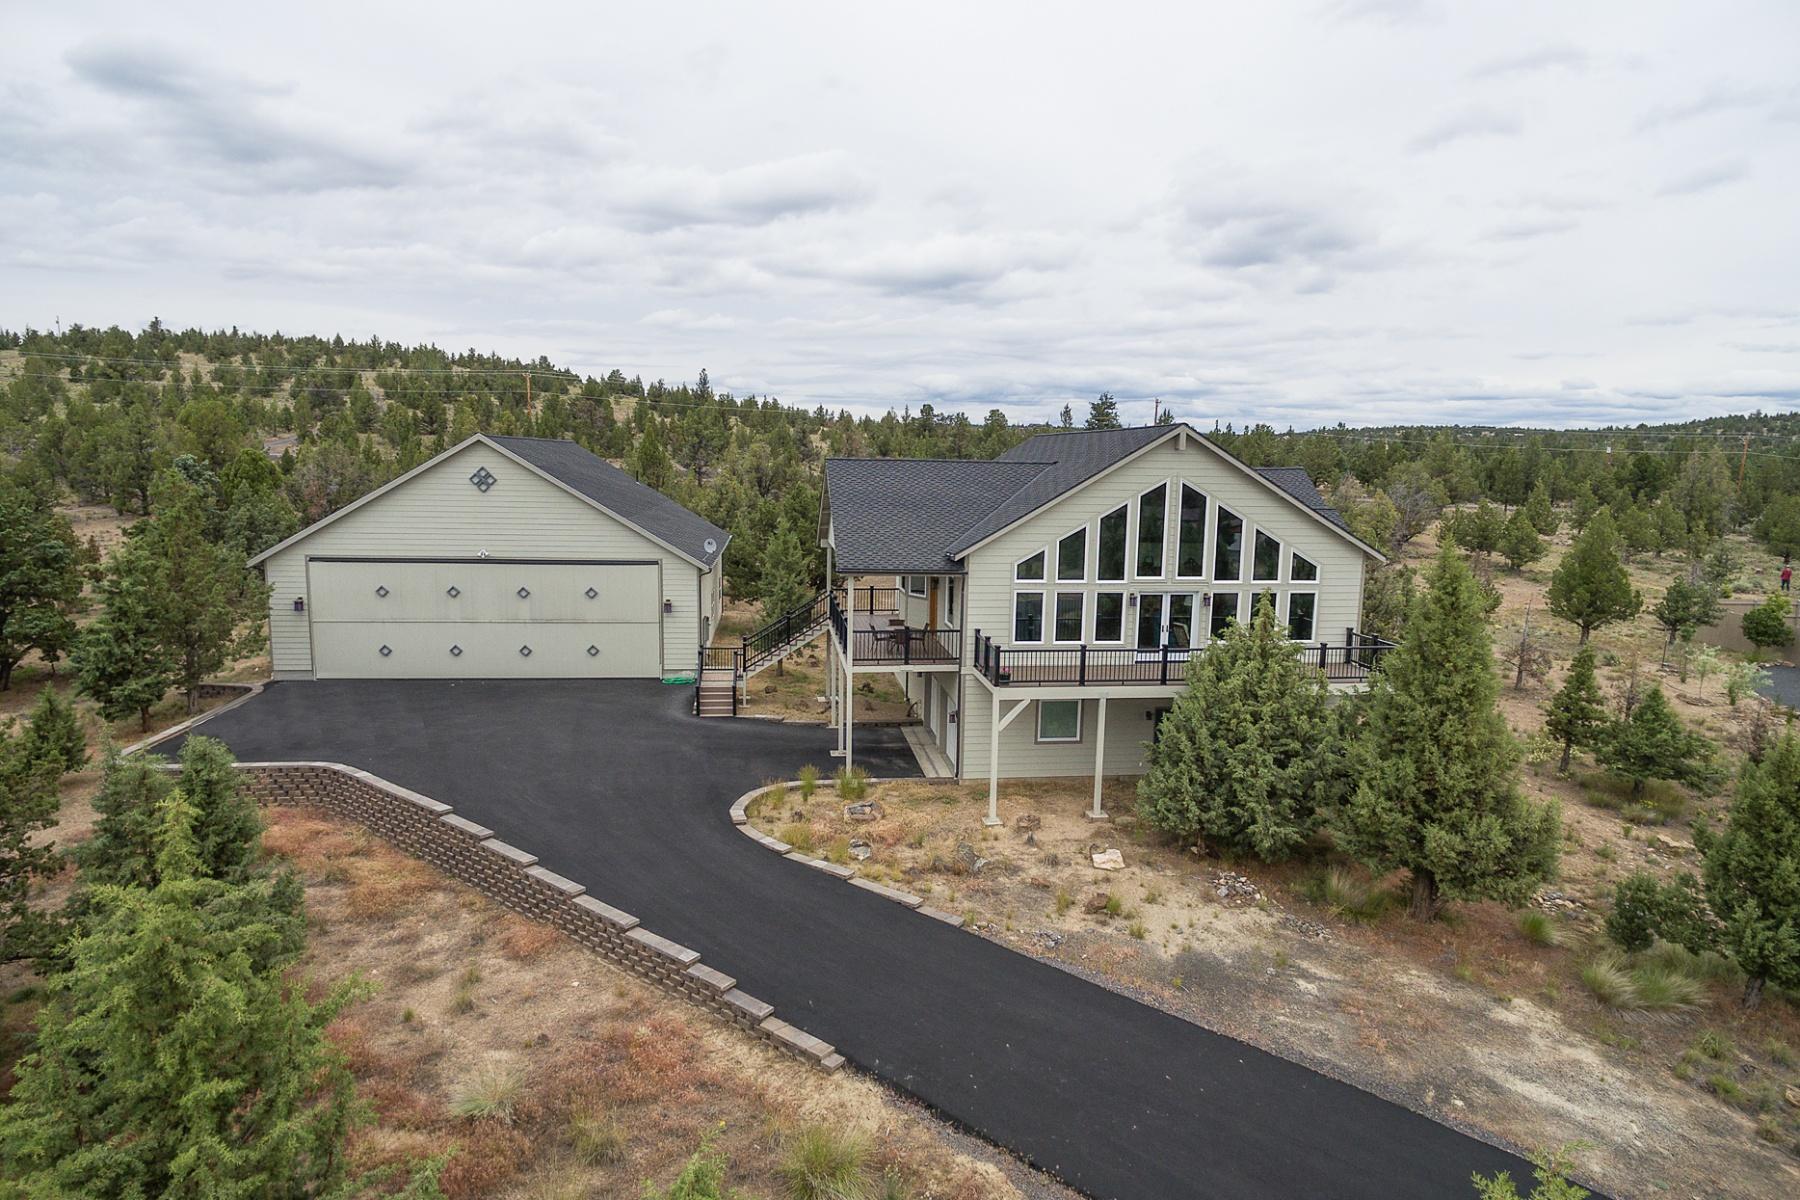 Частный односемейный дом для того Продажа на 2321 SE Landings Way, PRINEVILLE Prineville, Орегон, 97754 Соединенные Штаты